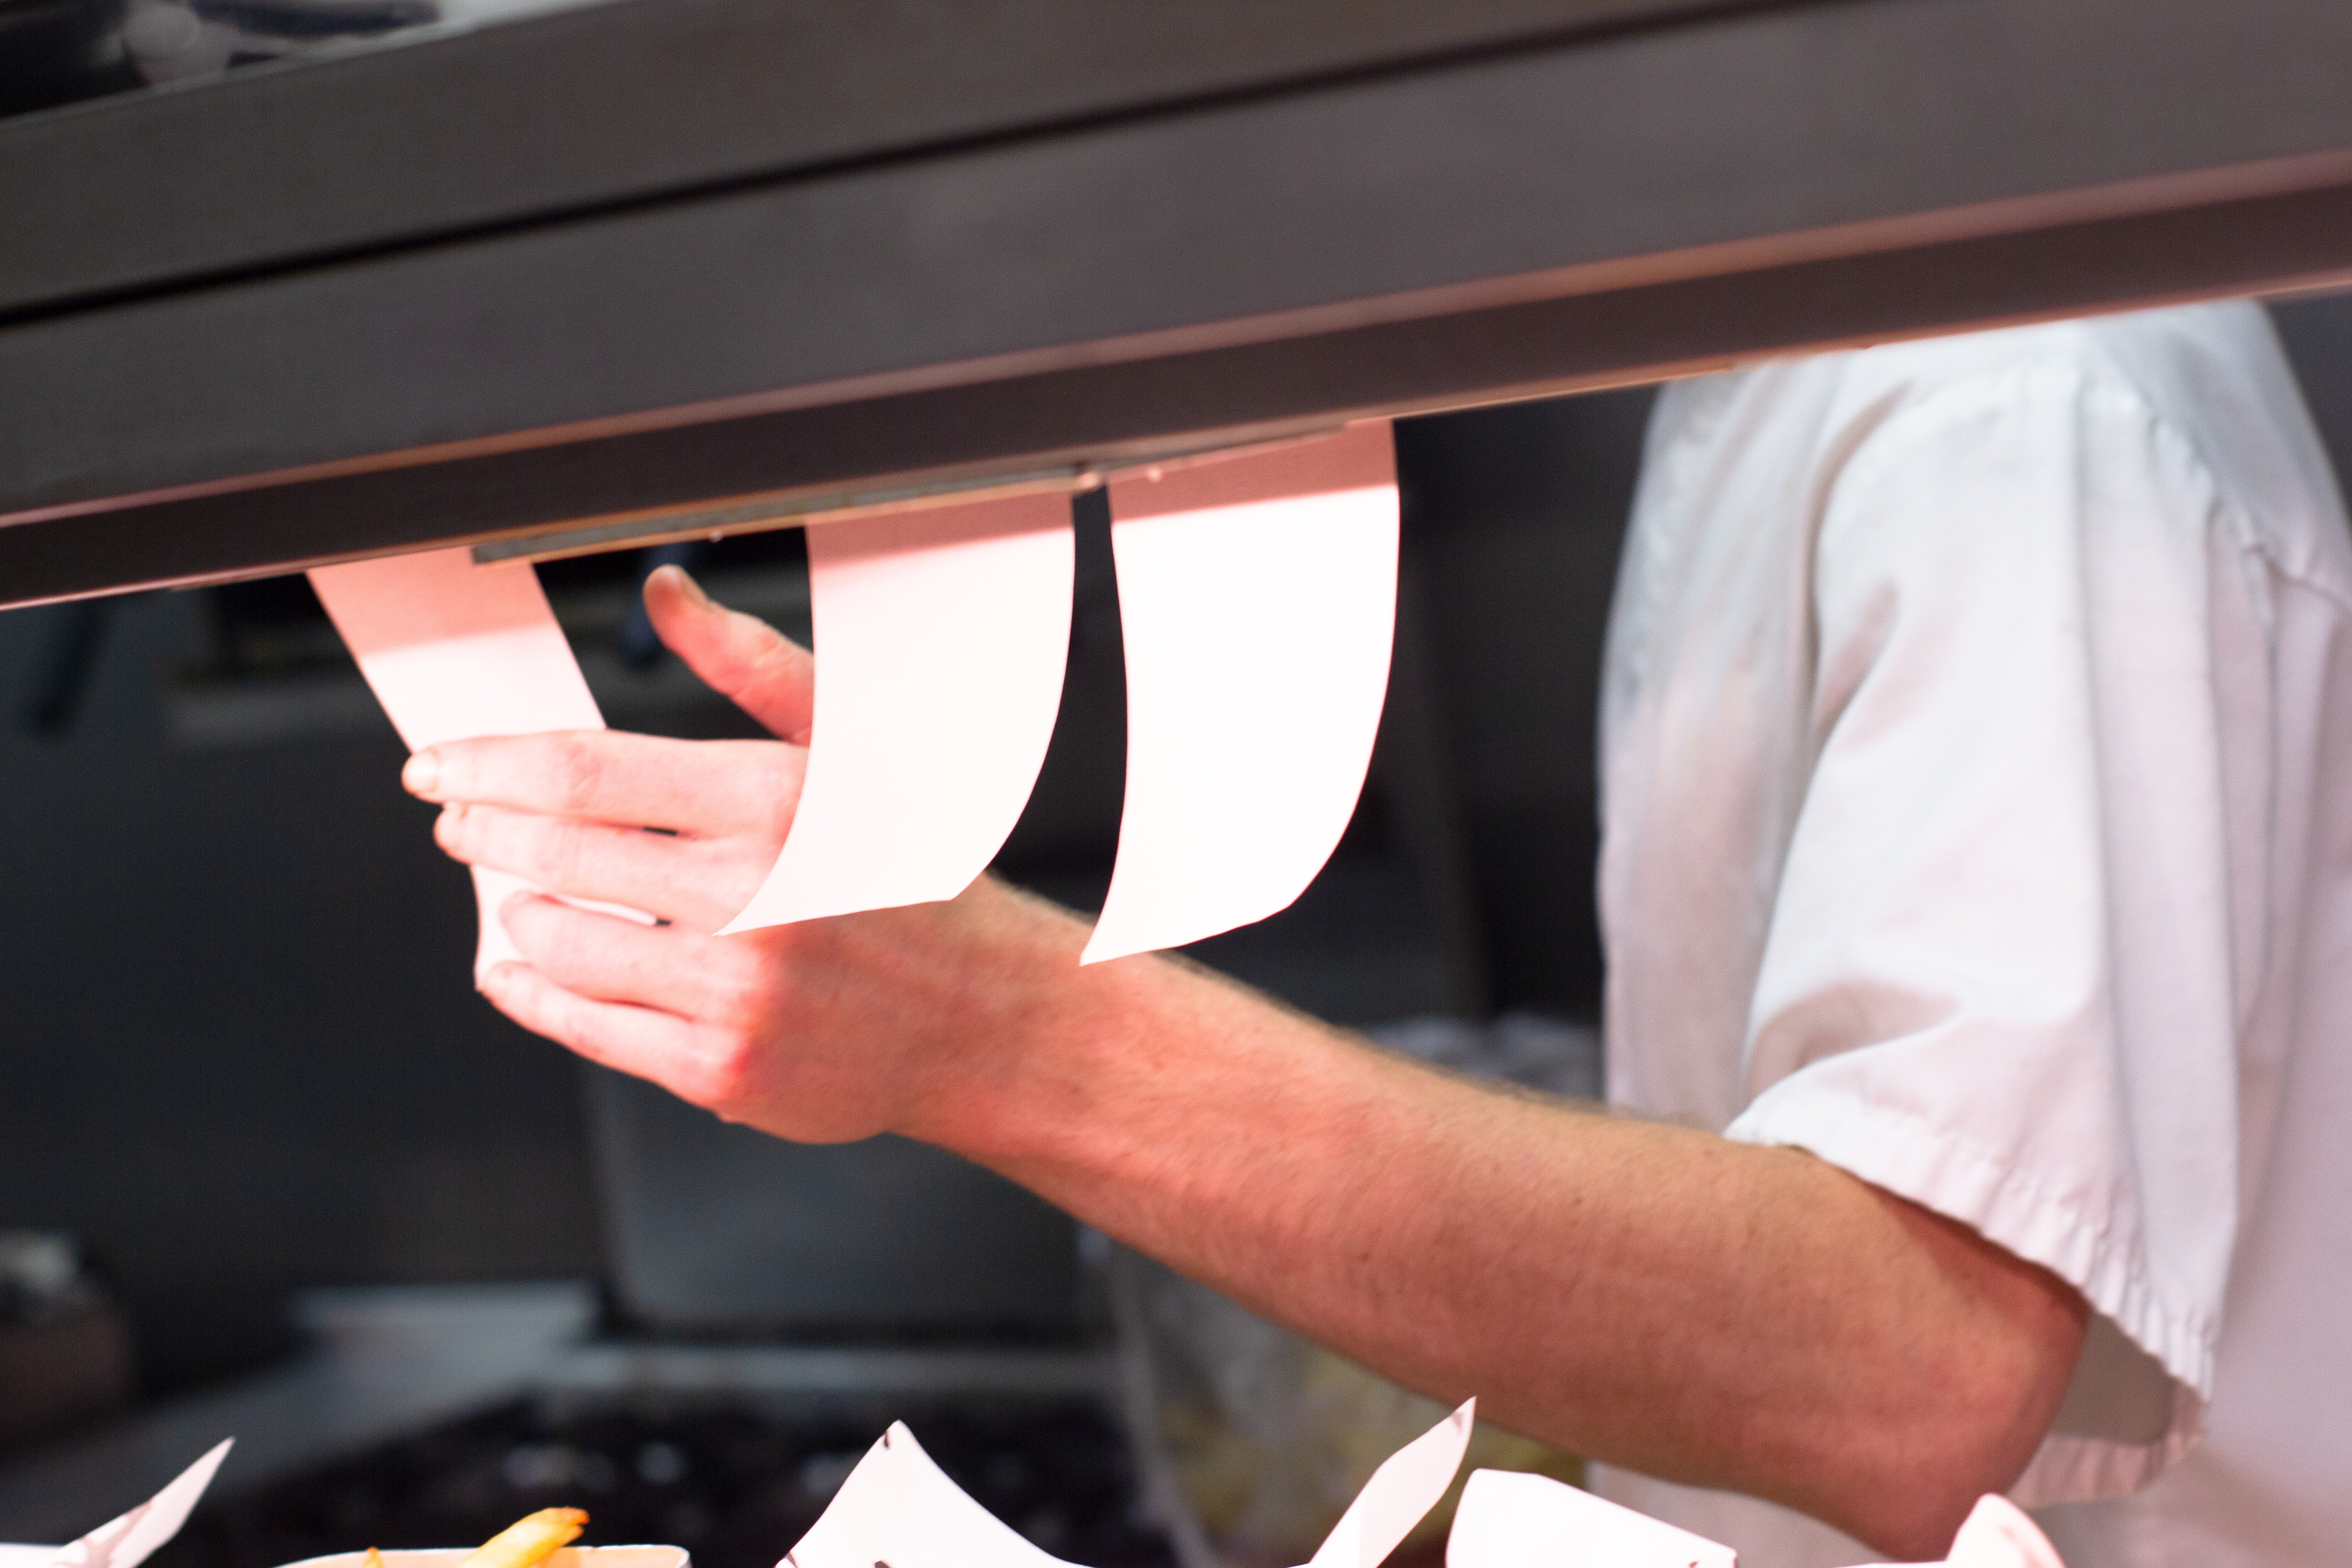 Kitchen staff checking order receipts